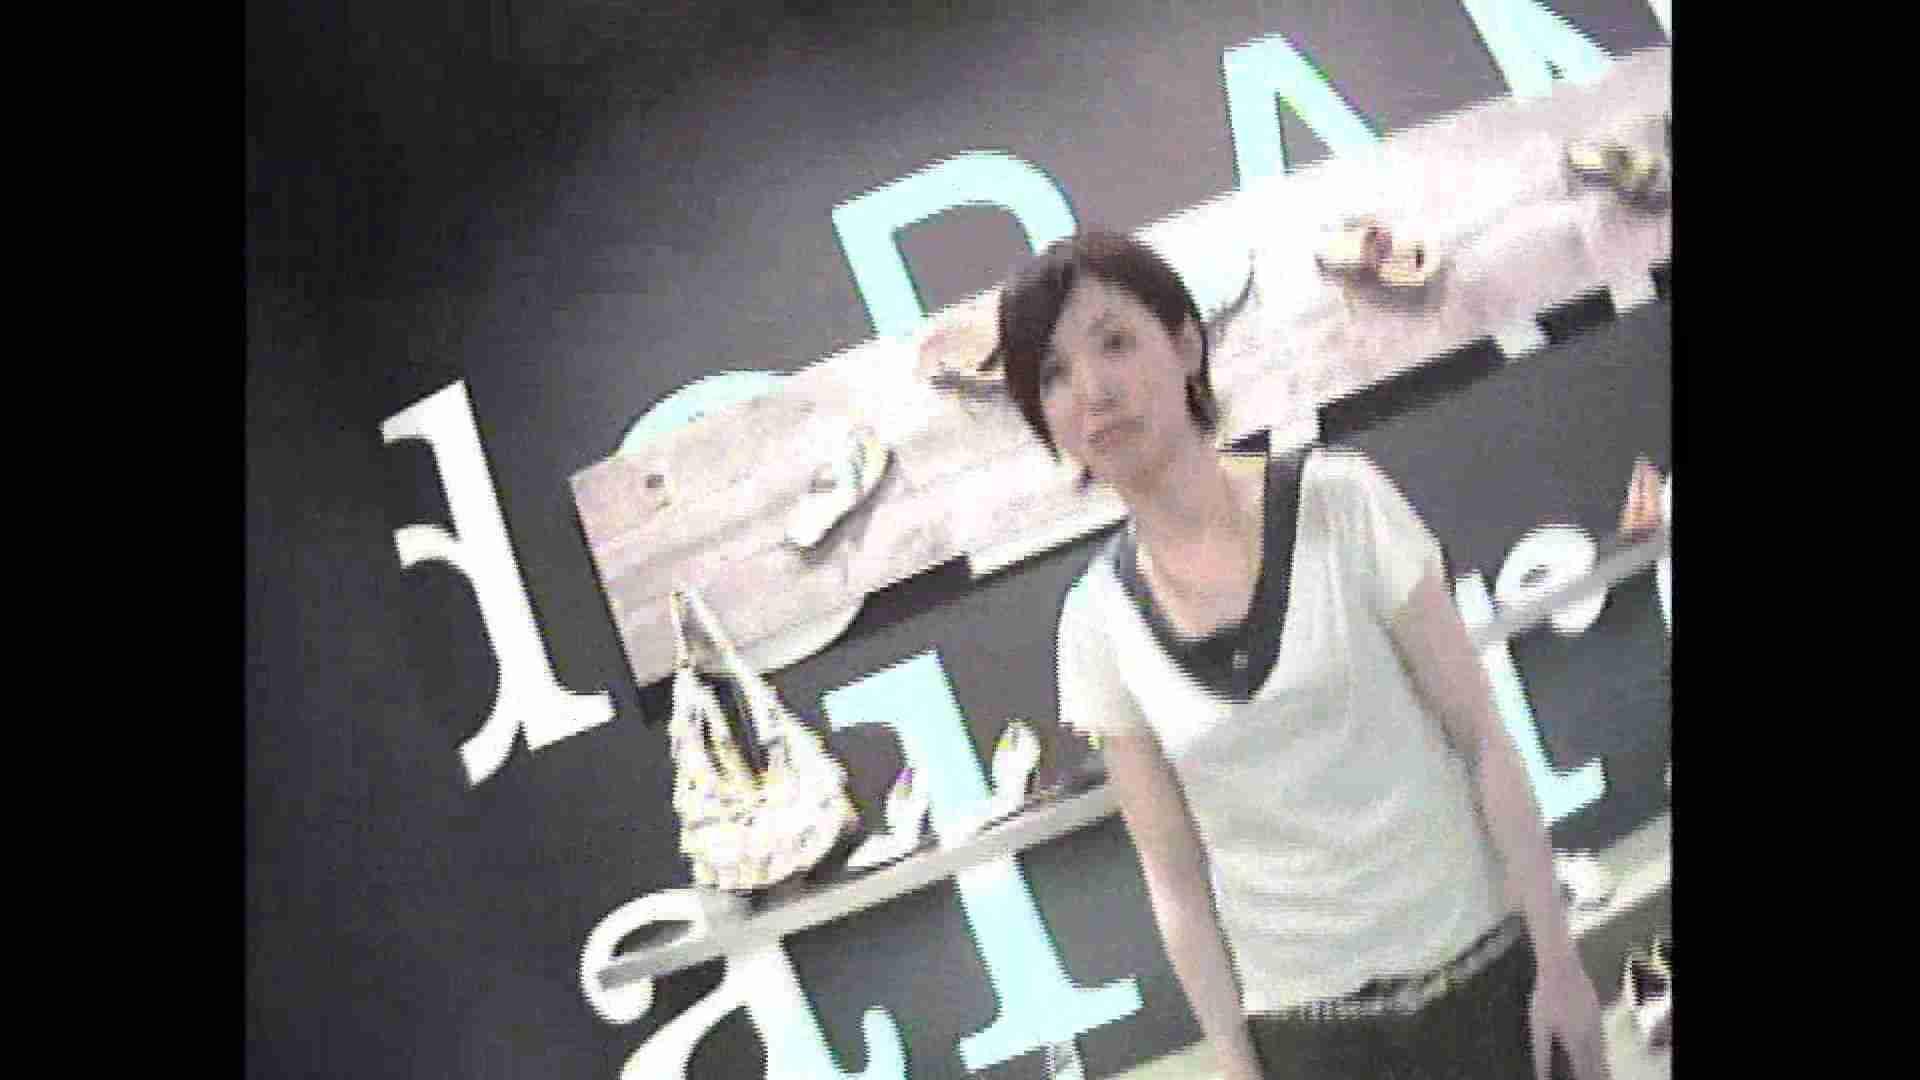 働く美女の谷間参拝 Vol.10 美女のヌード オメコ動画キャプチャ 96画像 46